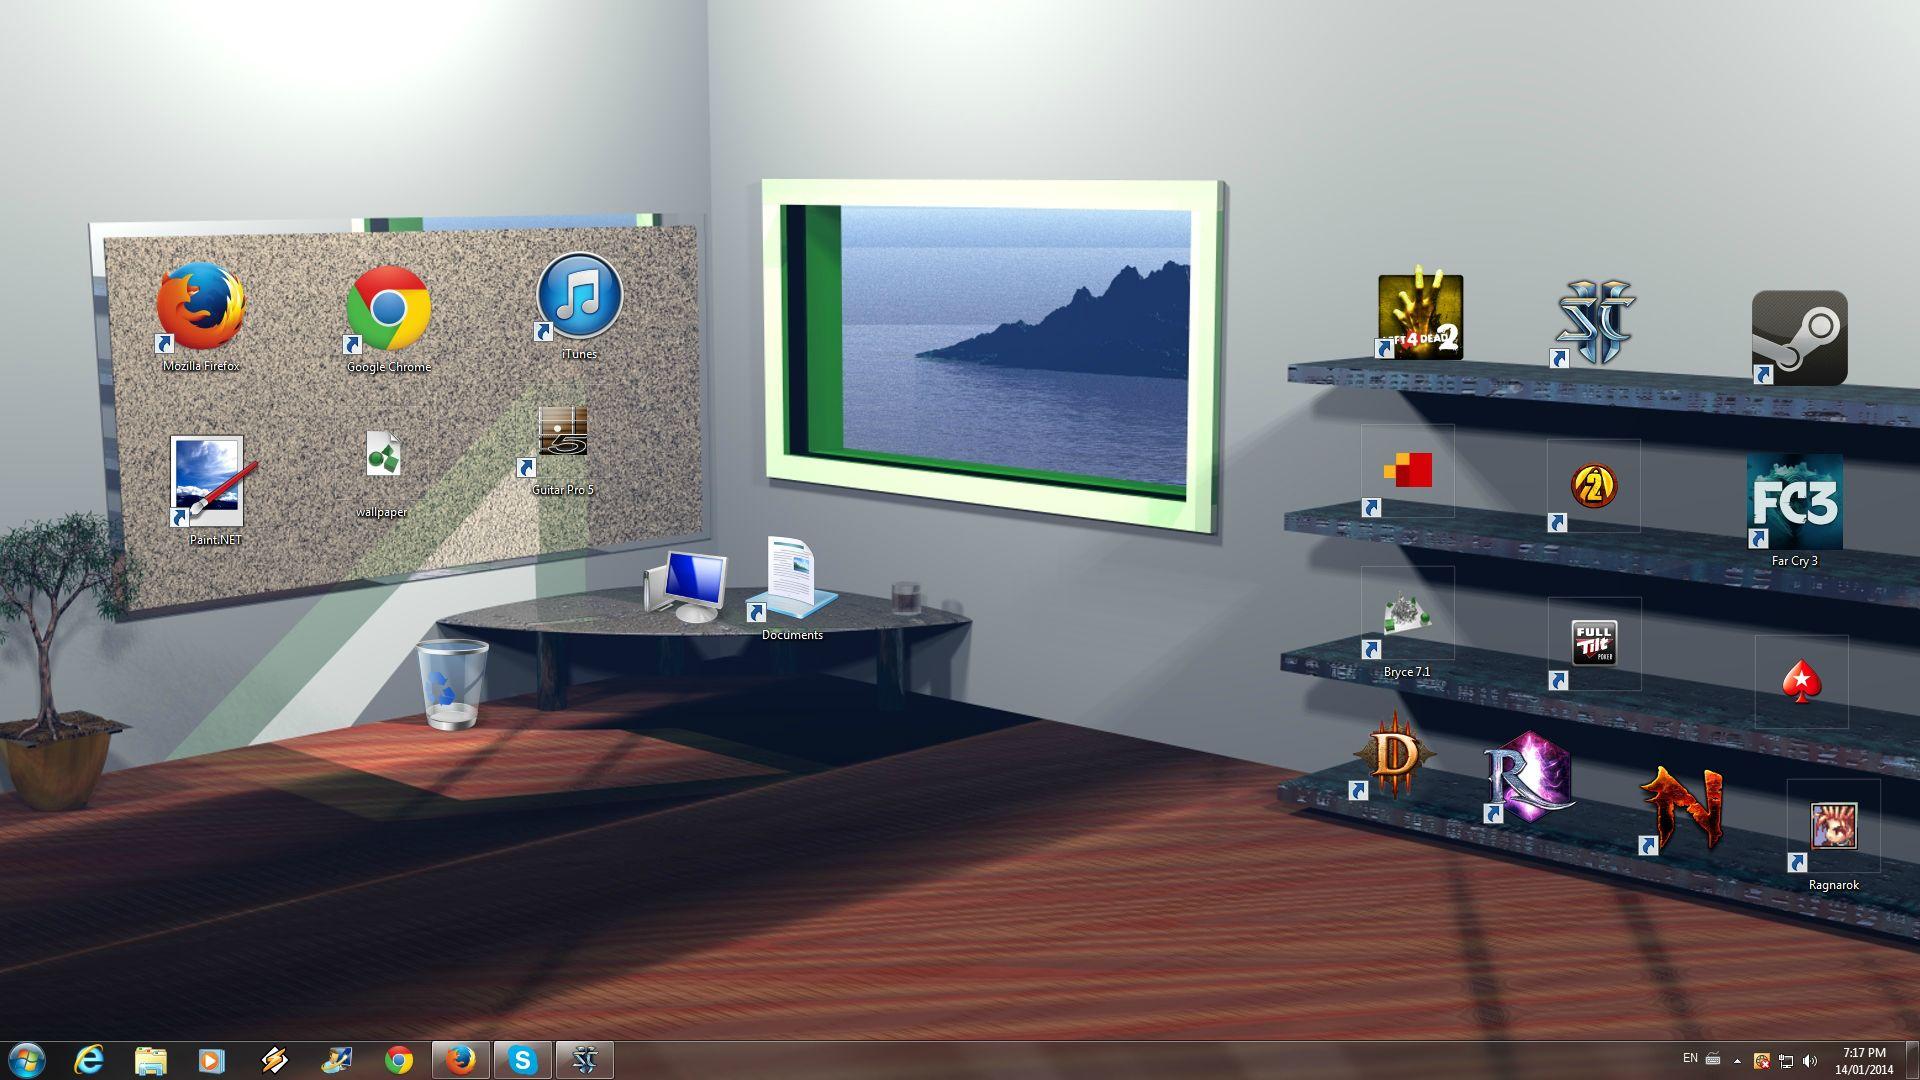 картинка для рабочего стола с полкой и компьютером материалы